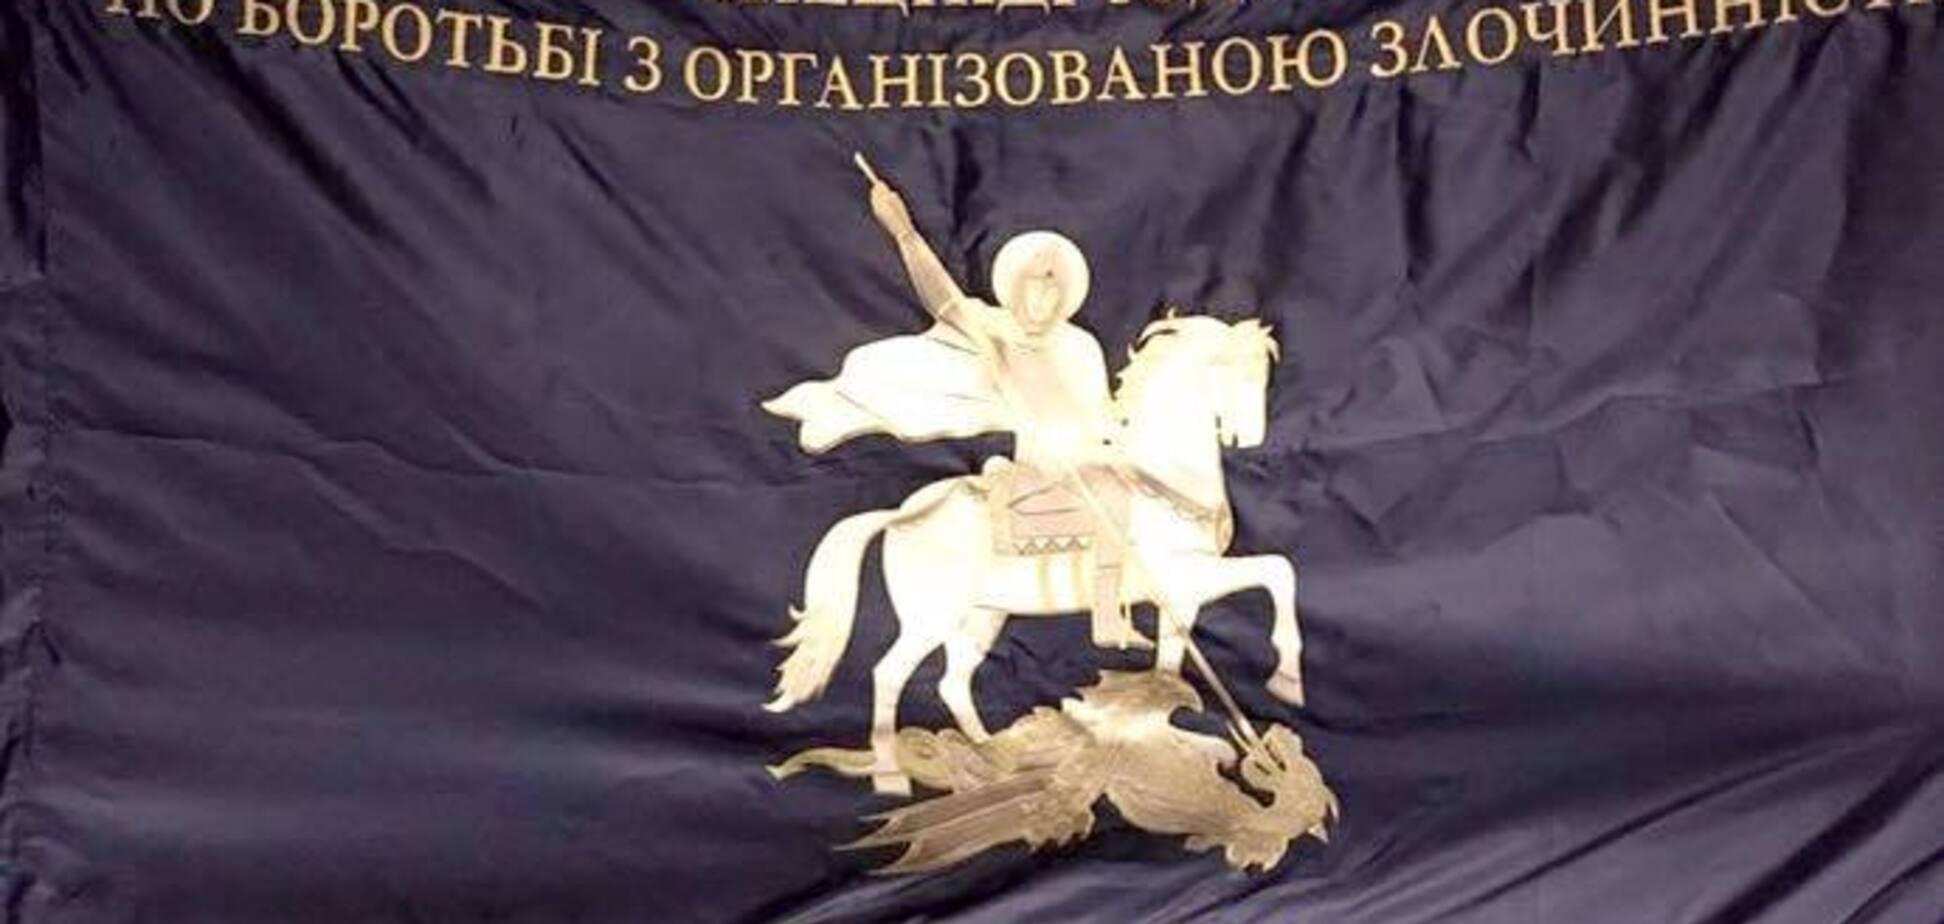 Прошу пана Аброськина не пиариться с помощью вранья в отношении бывших сотрудников УБОП МВД Украины